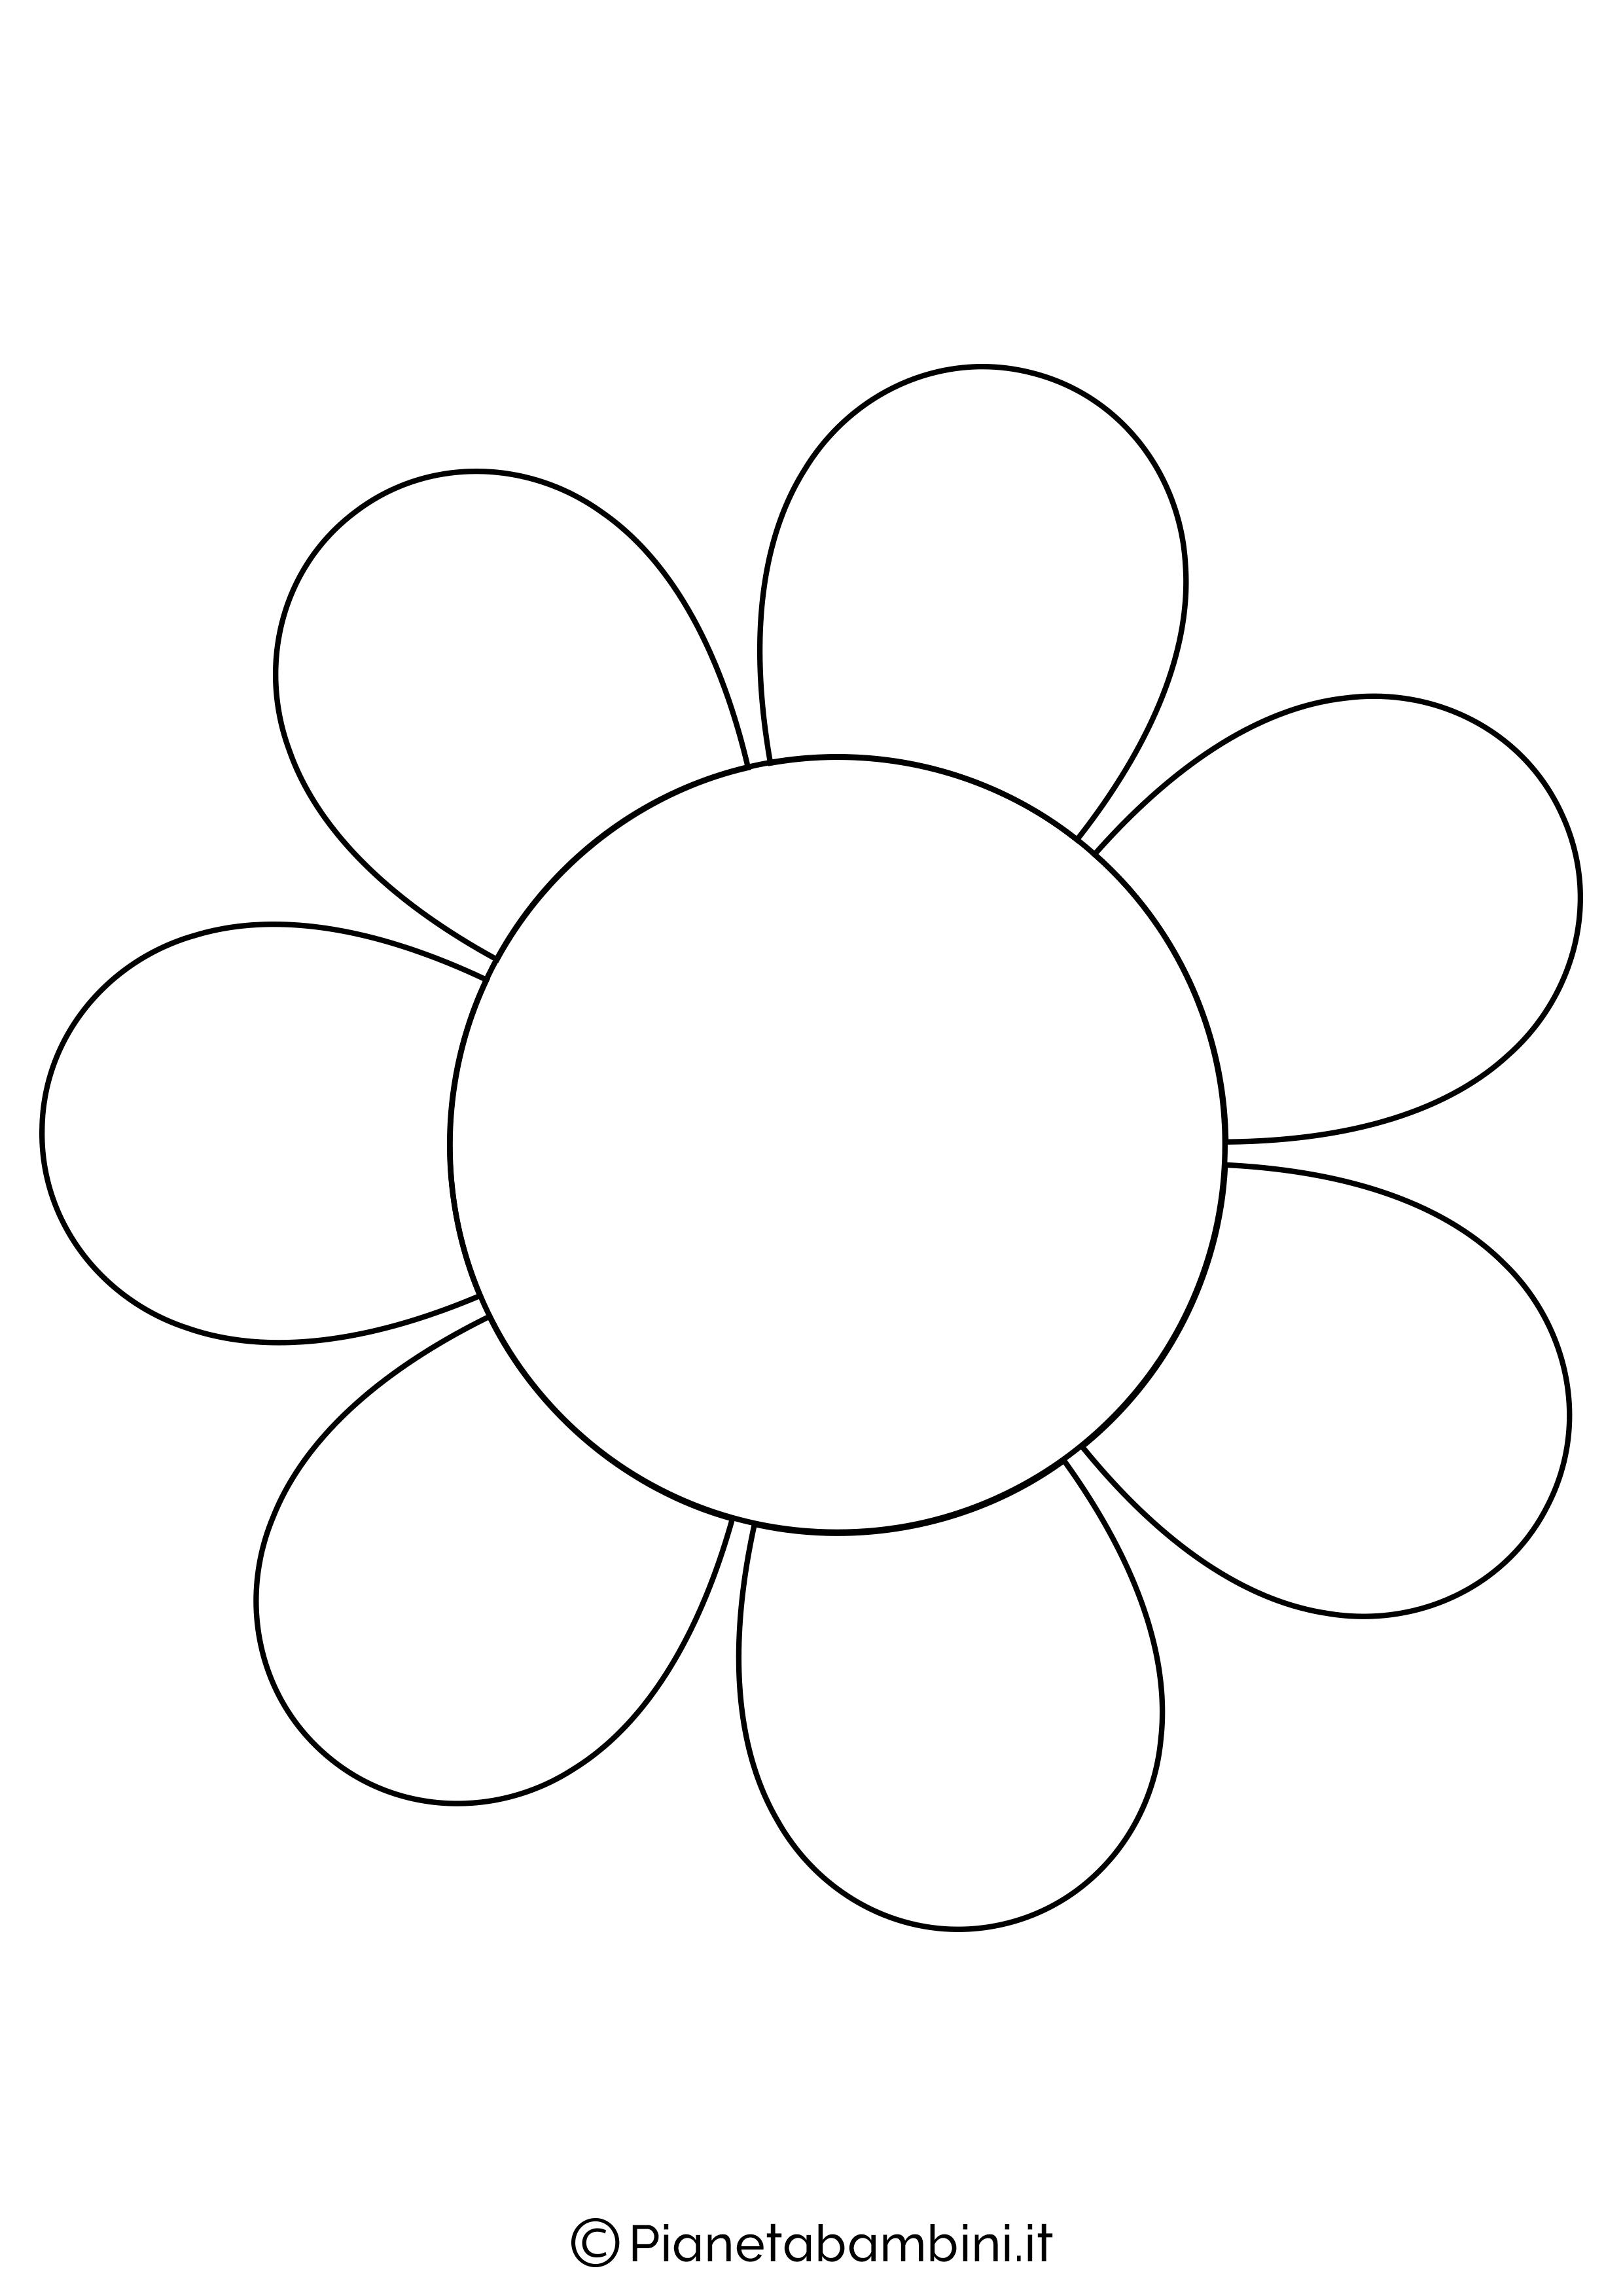 81 sagome di fiori da colorare e ritagliare per bambini - Immagini di aquiloni per colorare ...